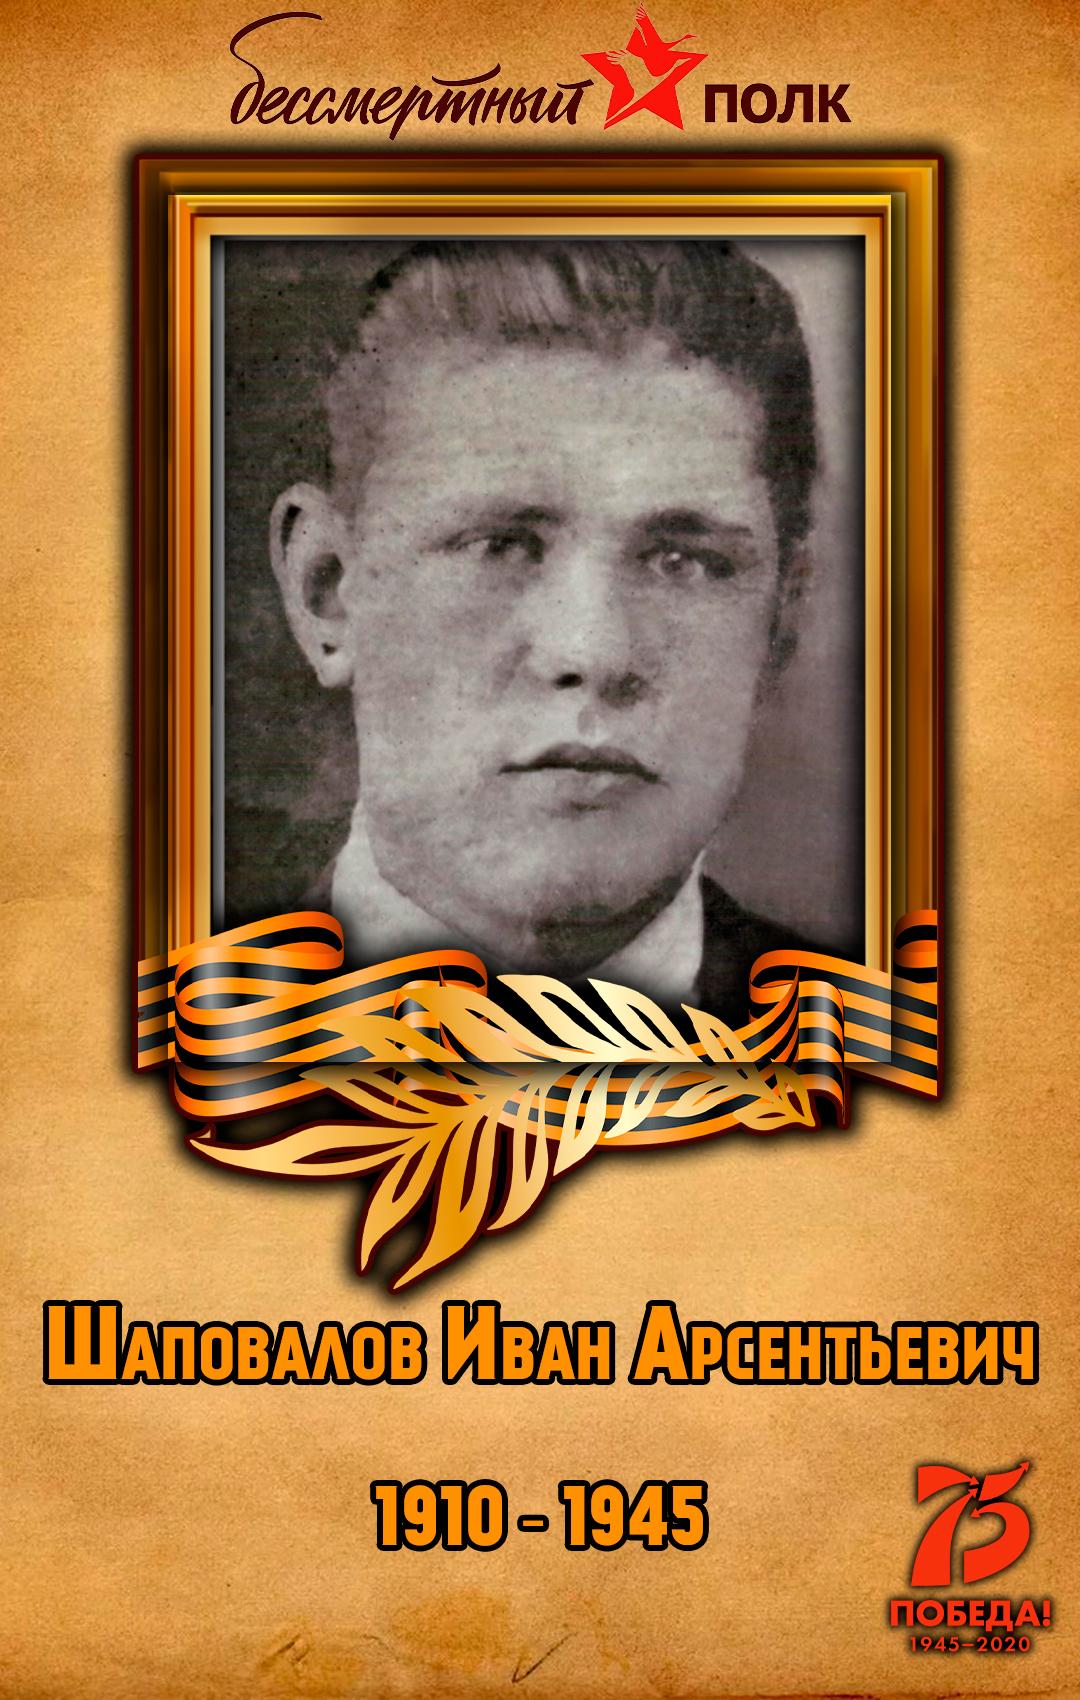 Шаповалов-Иван-Арсентьевич